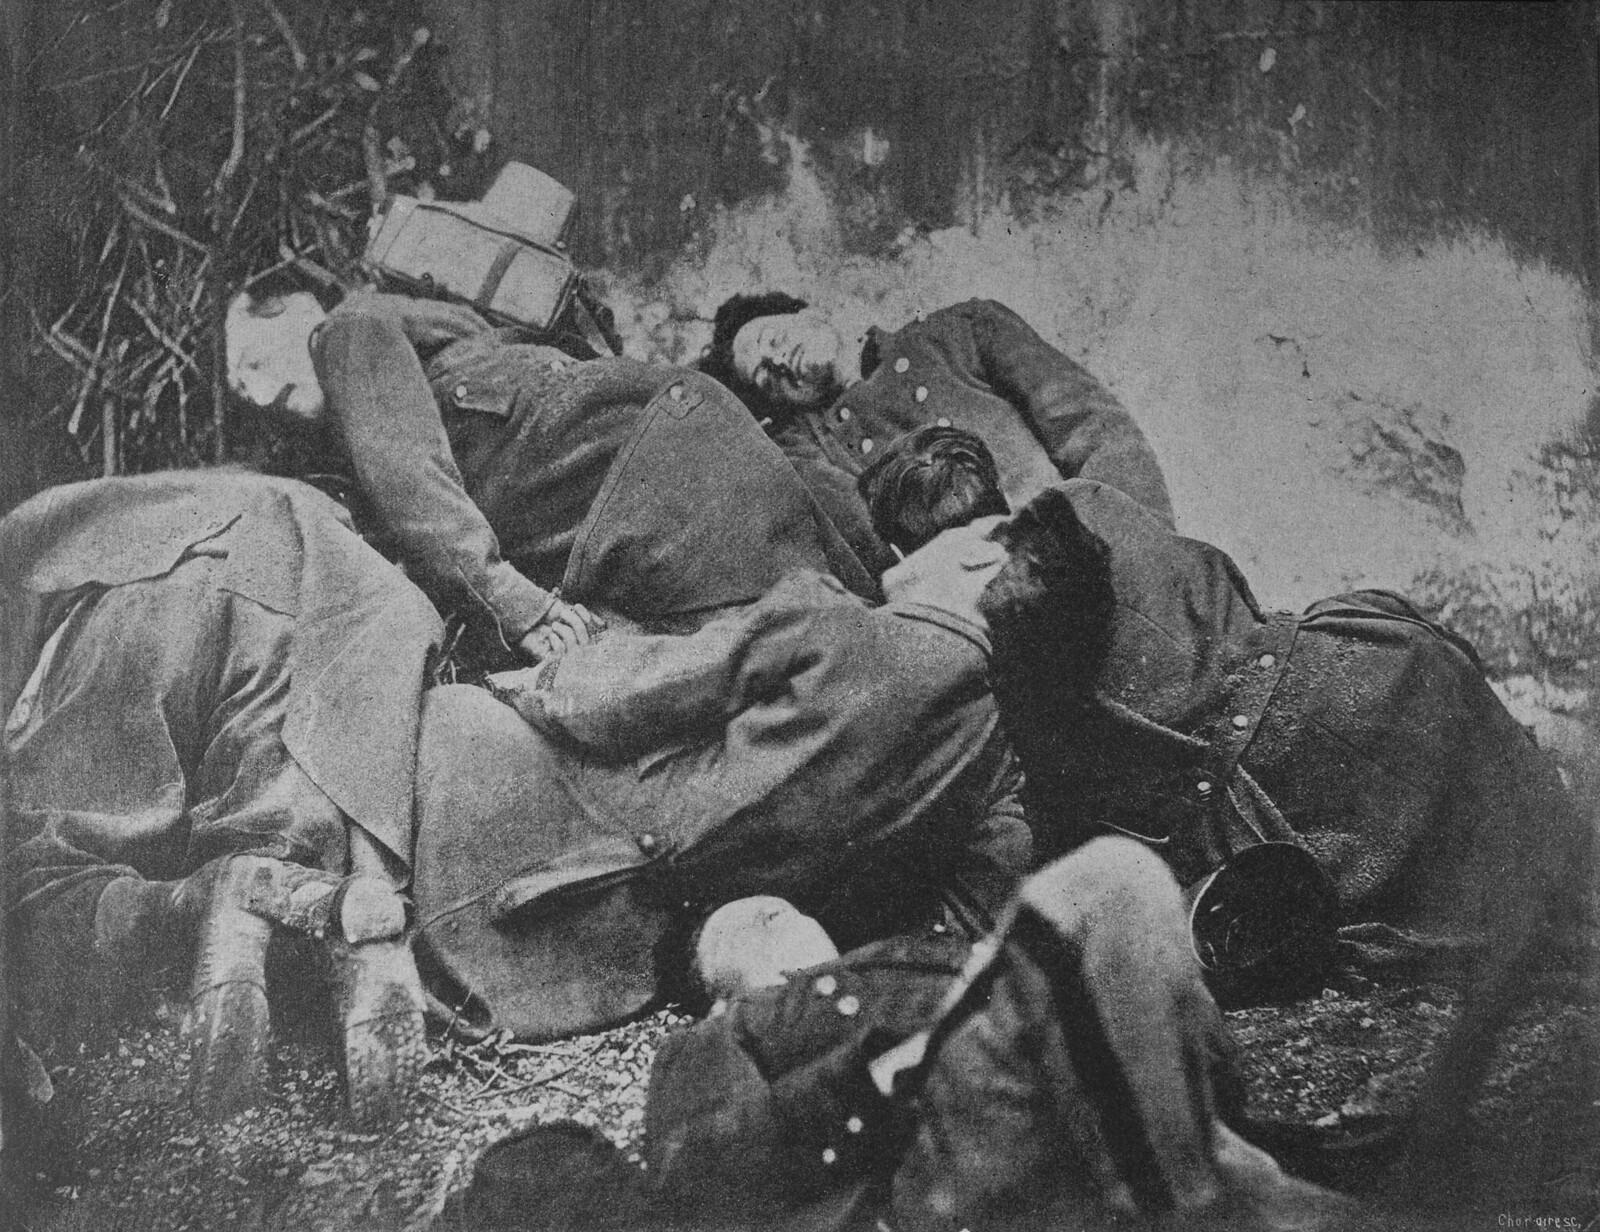 1871. Солдаты Коммуны, казненные версальскими войсками в марте-мае 1871 г. в районе Парижа